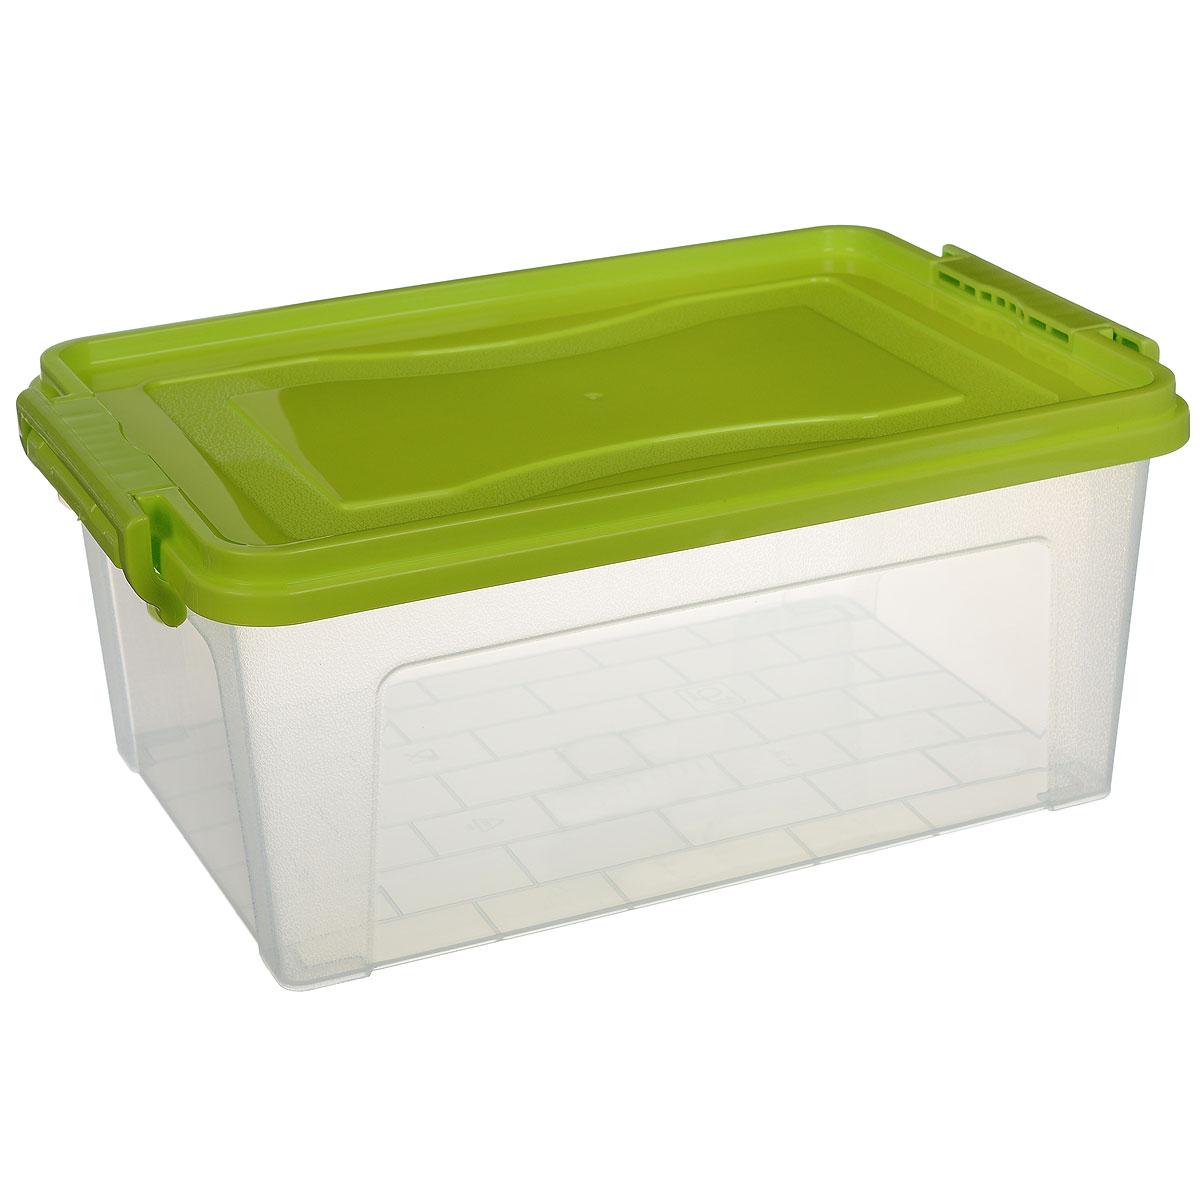 Контейнер для хранения Idea, прямоугольный, цвет: салатовый, прозрачный, 8,5 лМ 2865_салатовыйКонтейнер для хранения Idea выполнен из высококачественного пластика. Изделие оснащено двумя пластиковыми фиксаторами по бокам, придающими дополнительную надежность закрывания крышки. Вместительный контейнер позволит сохранить различные нужные вещи в порядке, а герметичная крышка предотвратит случайное открывание, защитит содержимое от пыли и грязи.Объем: 8,5 л.Уважаемые клиенты!Обращаем ваше внимание на цветовой ассортимент ручек контейнера. Поставка осуществляется в зависимости от наличия на складе.